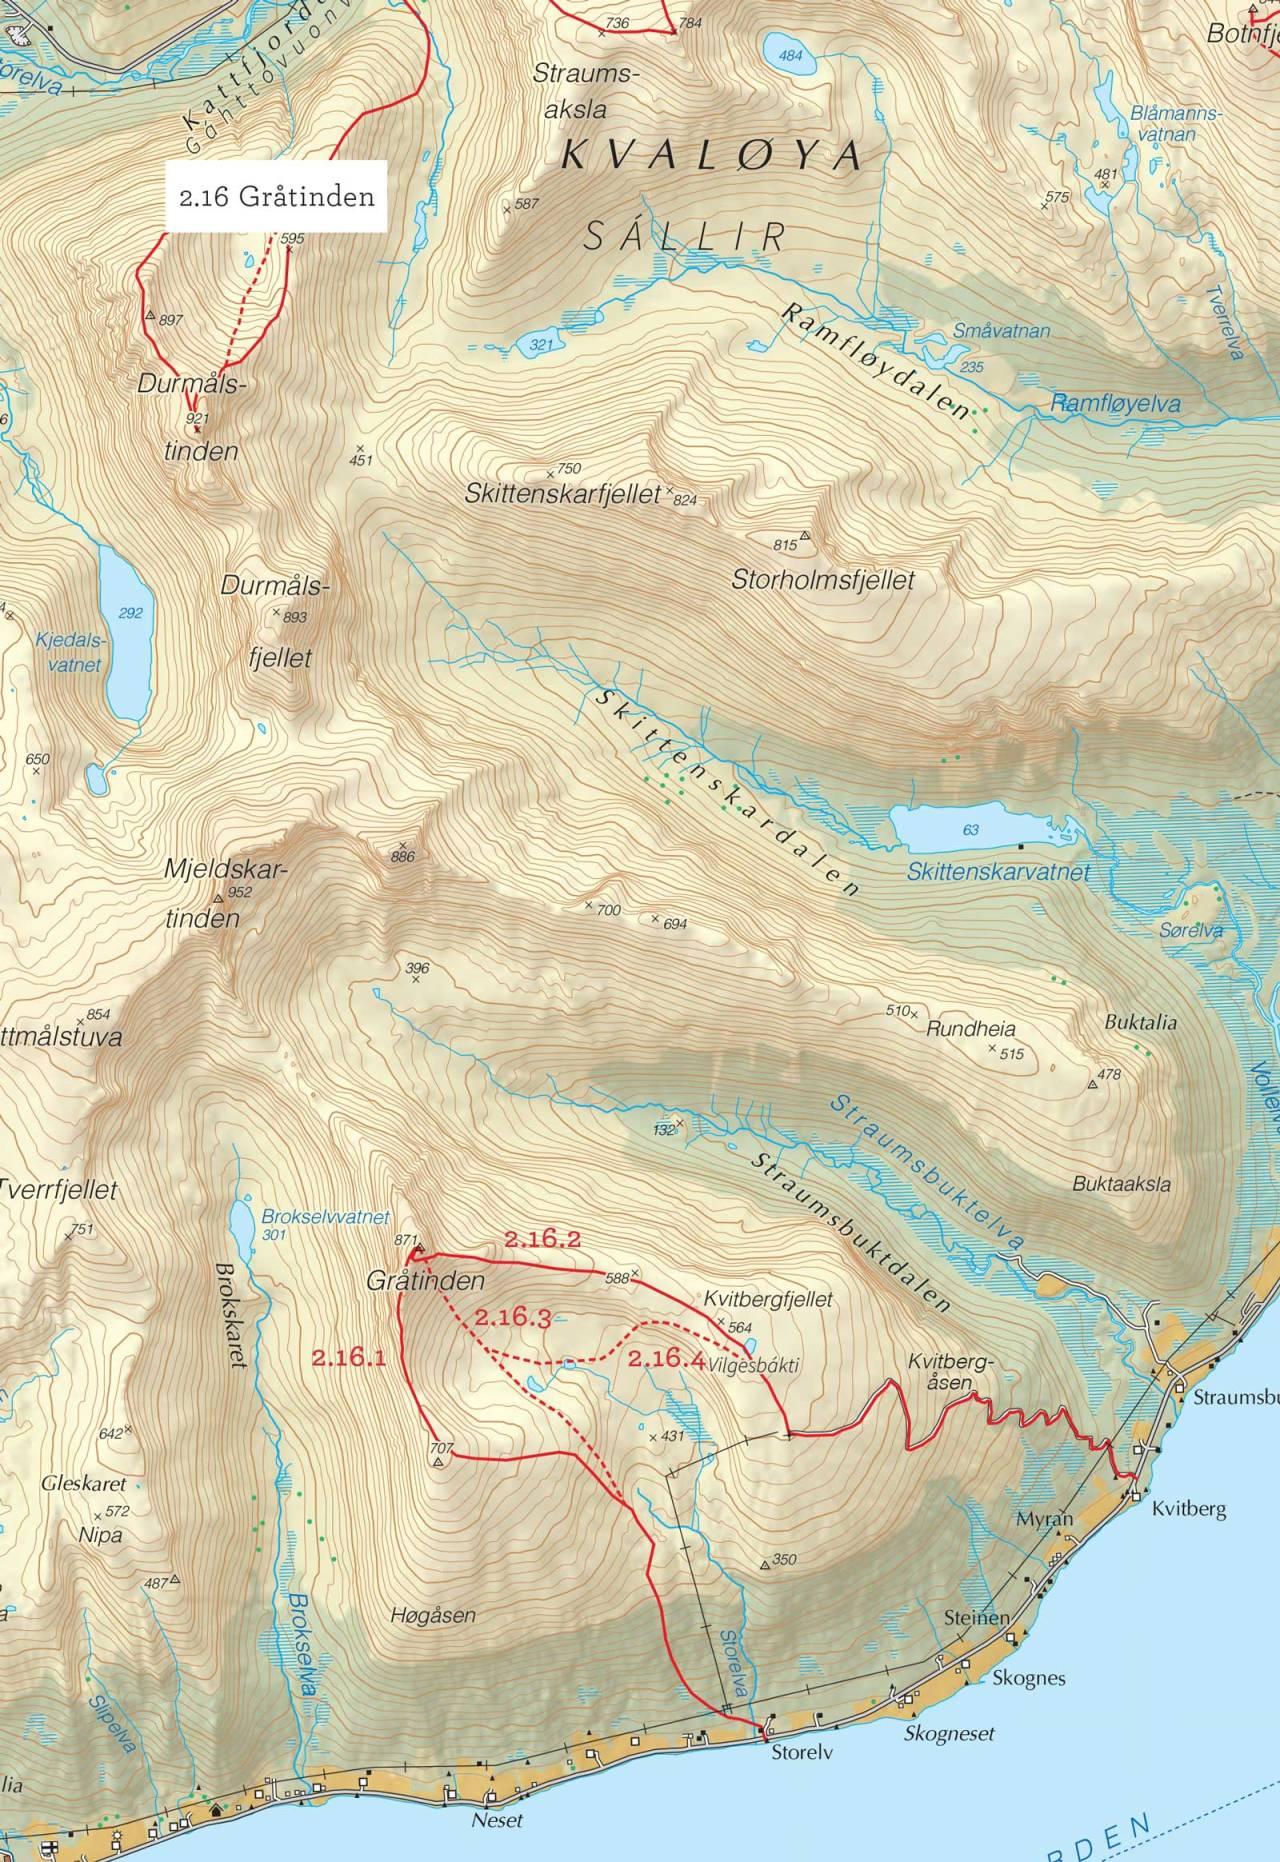 Oversiktskart over Gråtinden med inntegnet rute. Fra Toppturer i Troms.